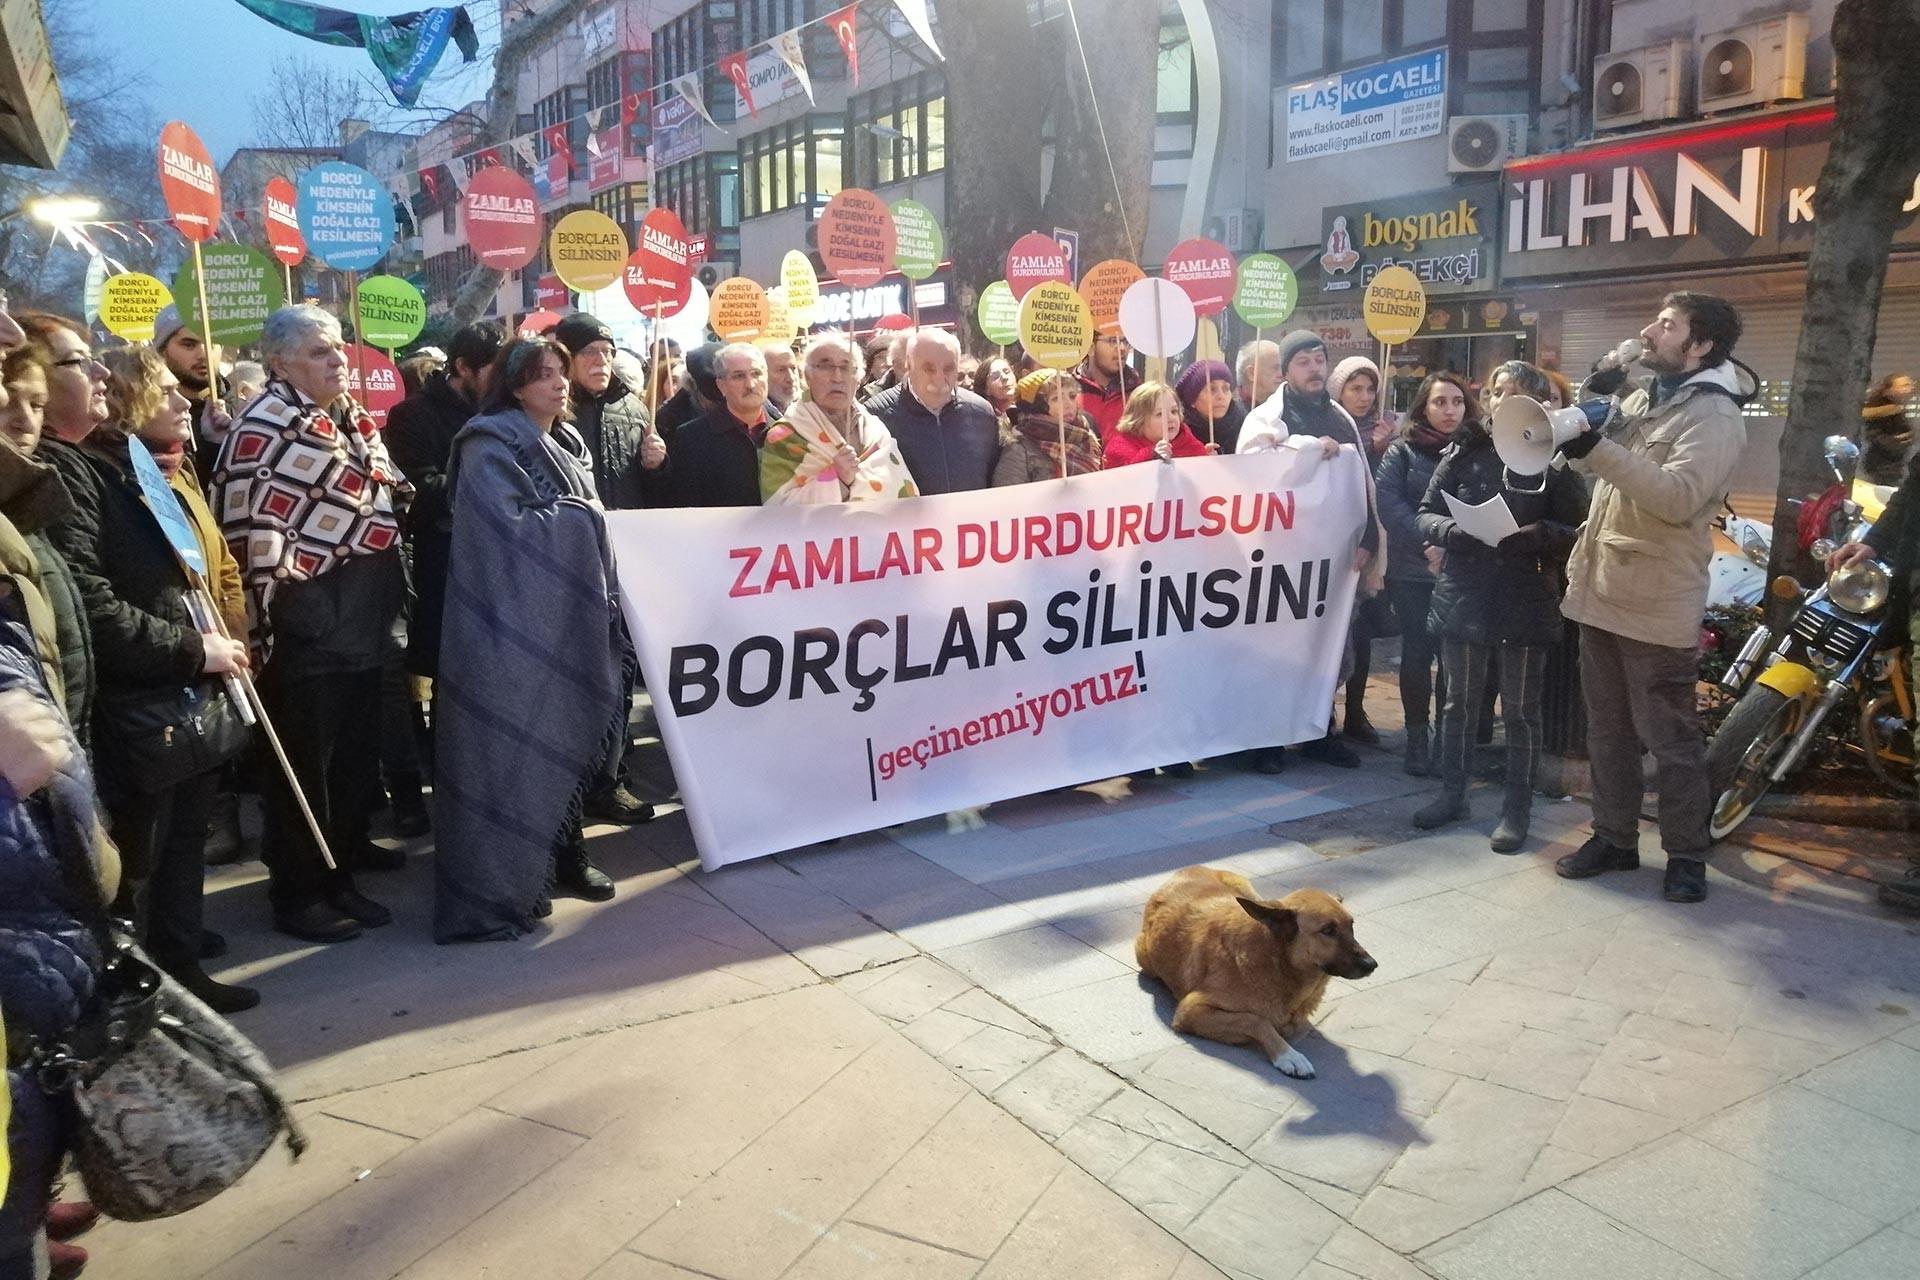 Kocaeli'de emekçiler 'Zamlar durdurulsun, borçlar silinsin, geçinemiyoruz!' pankartı ile basın açıklaması yaparken.